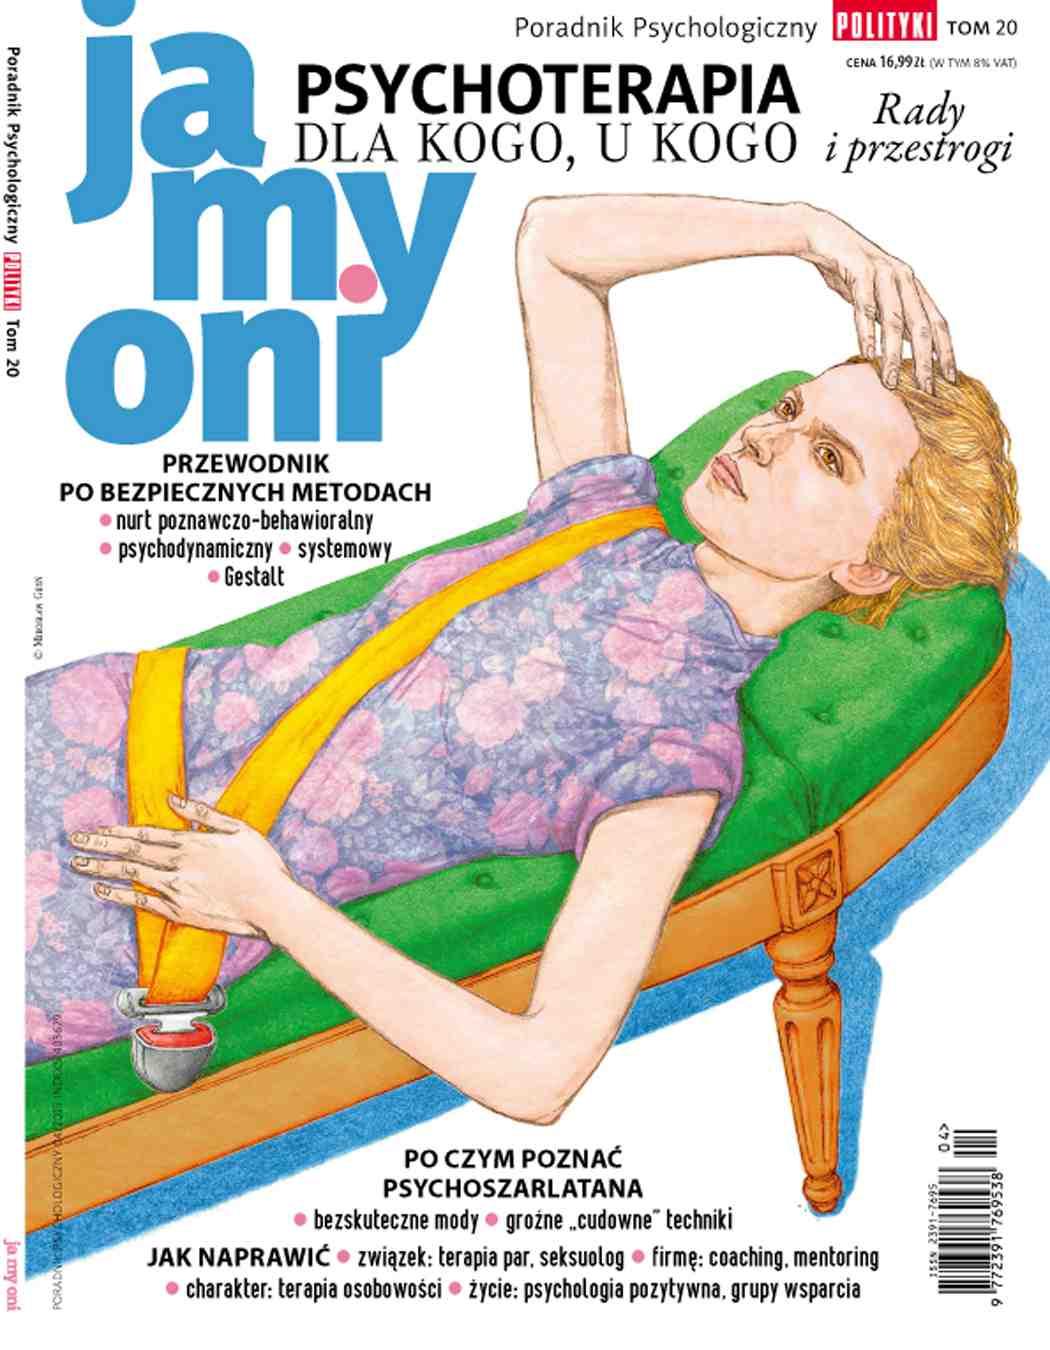 Poradnik Psychologiczny: Psychoterapia - Ebook (Książka PDF) do pobrania w formacie PDF